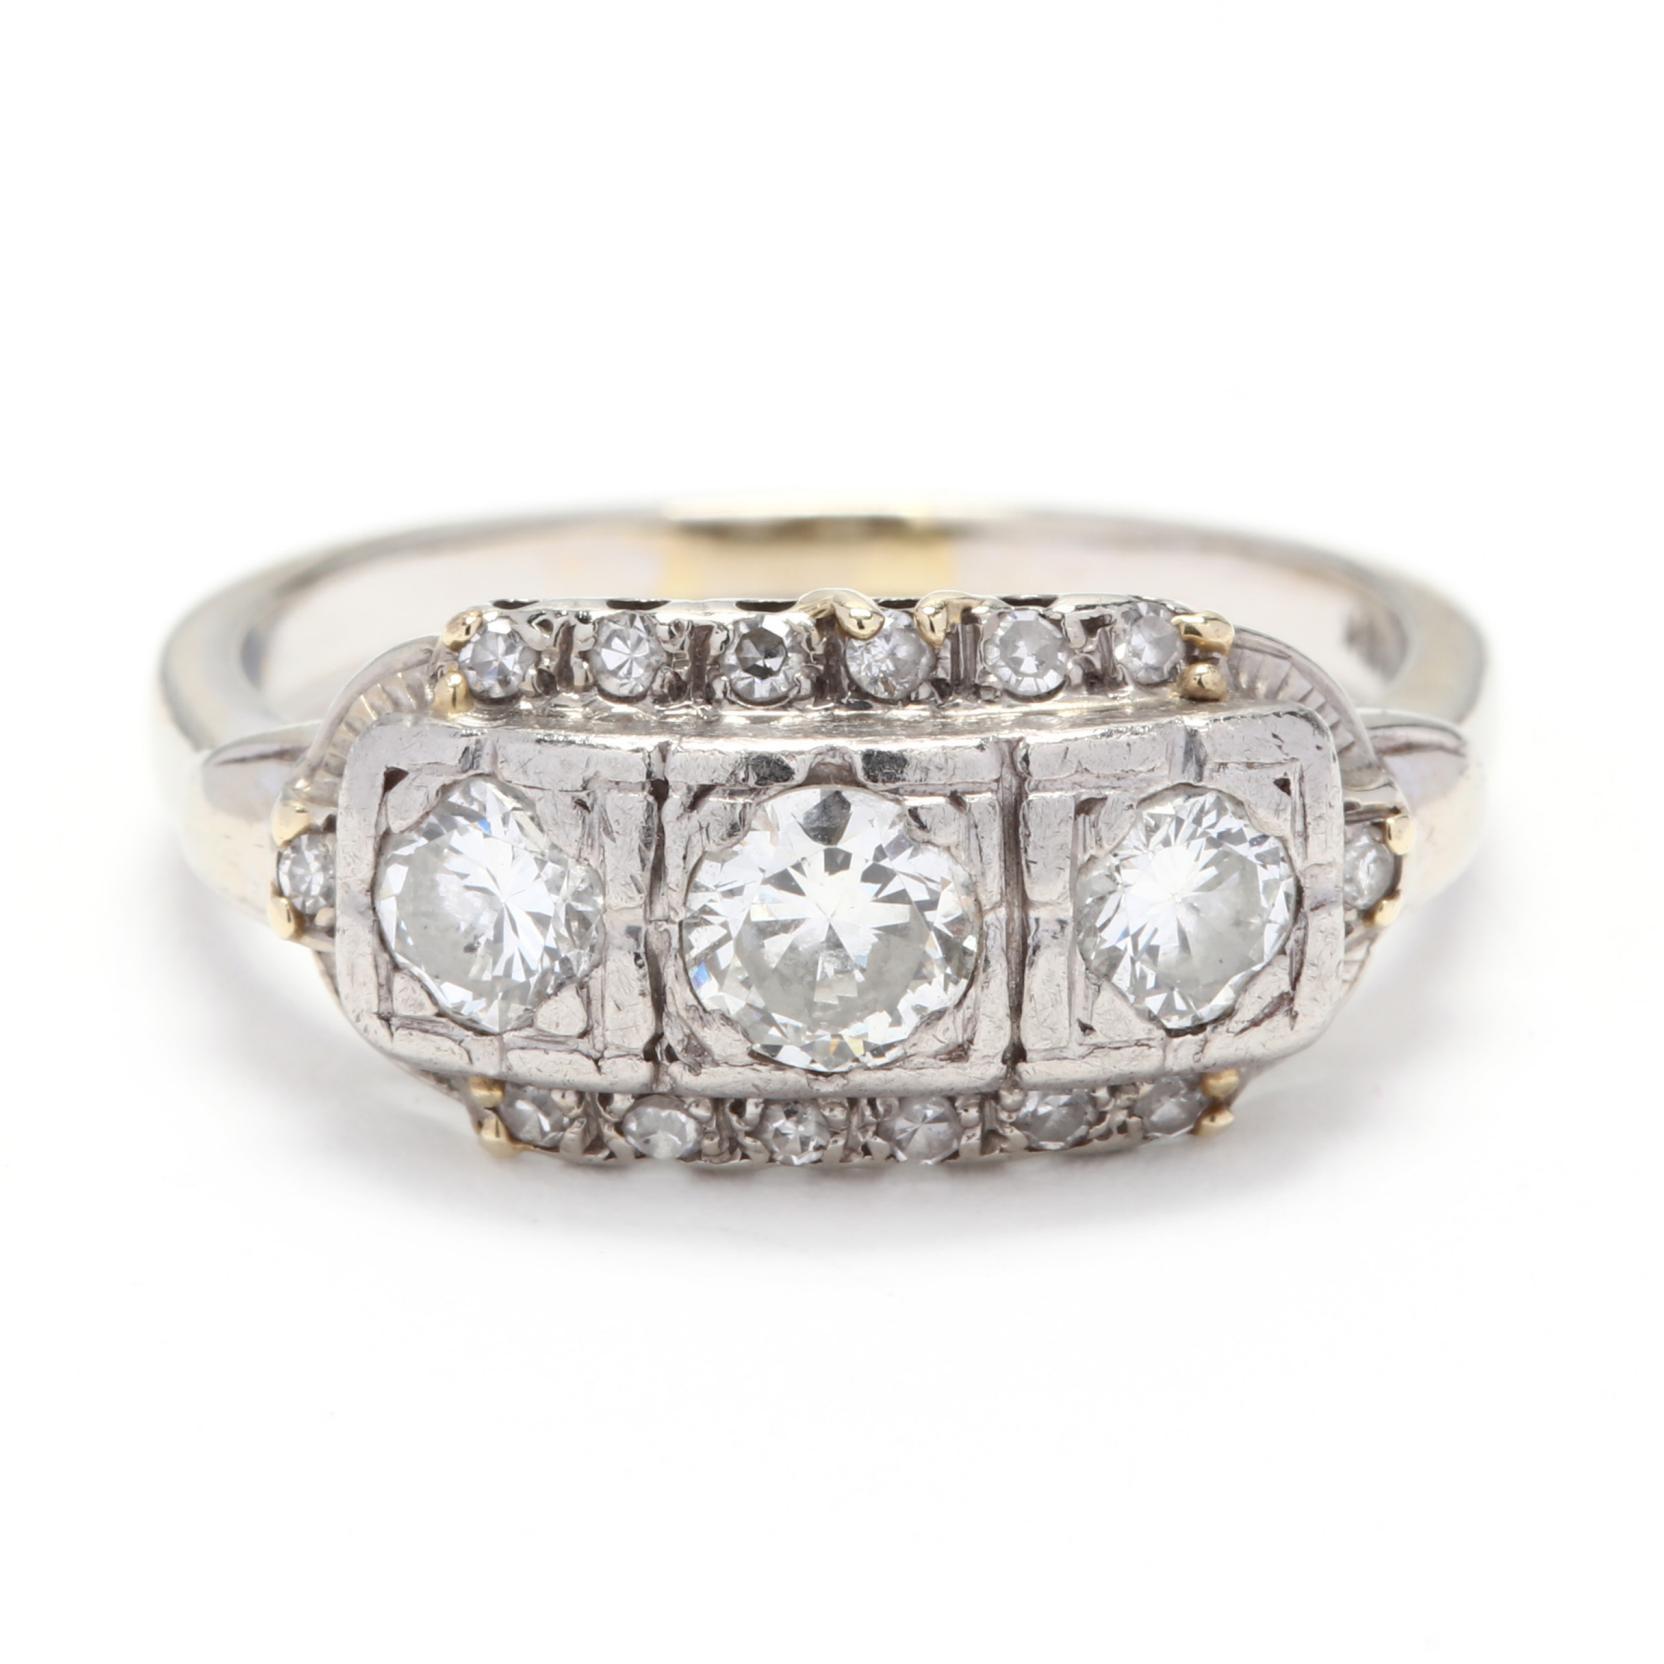 vintage-18kt-white-gold-diamond-ring